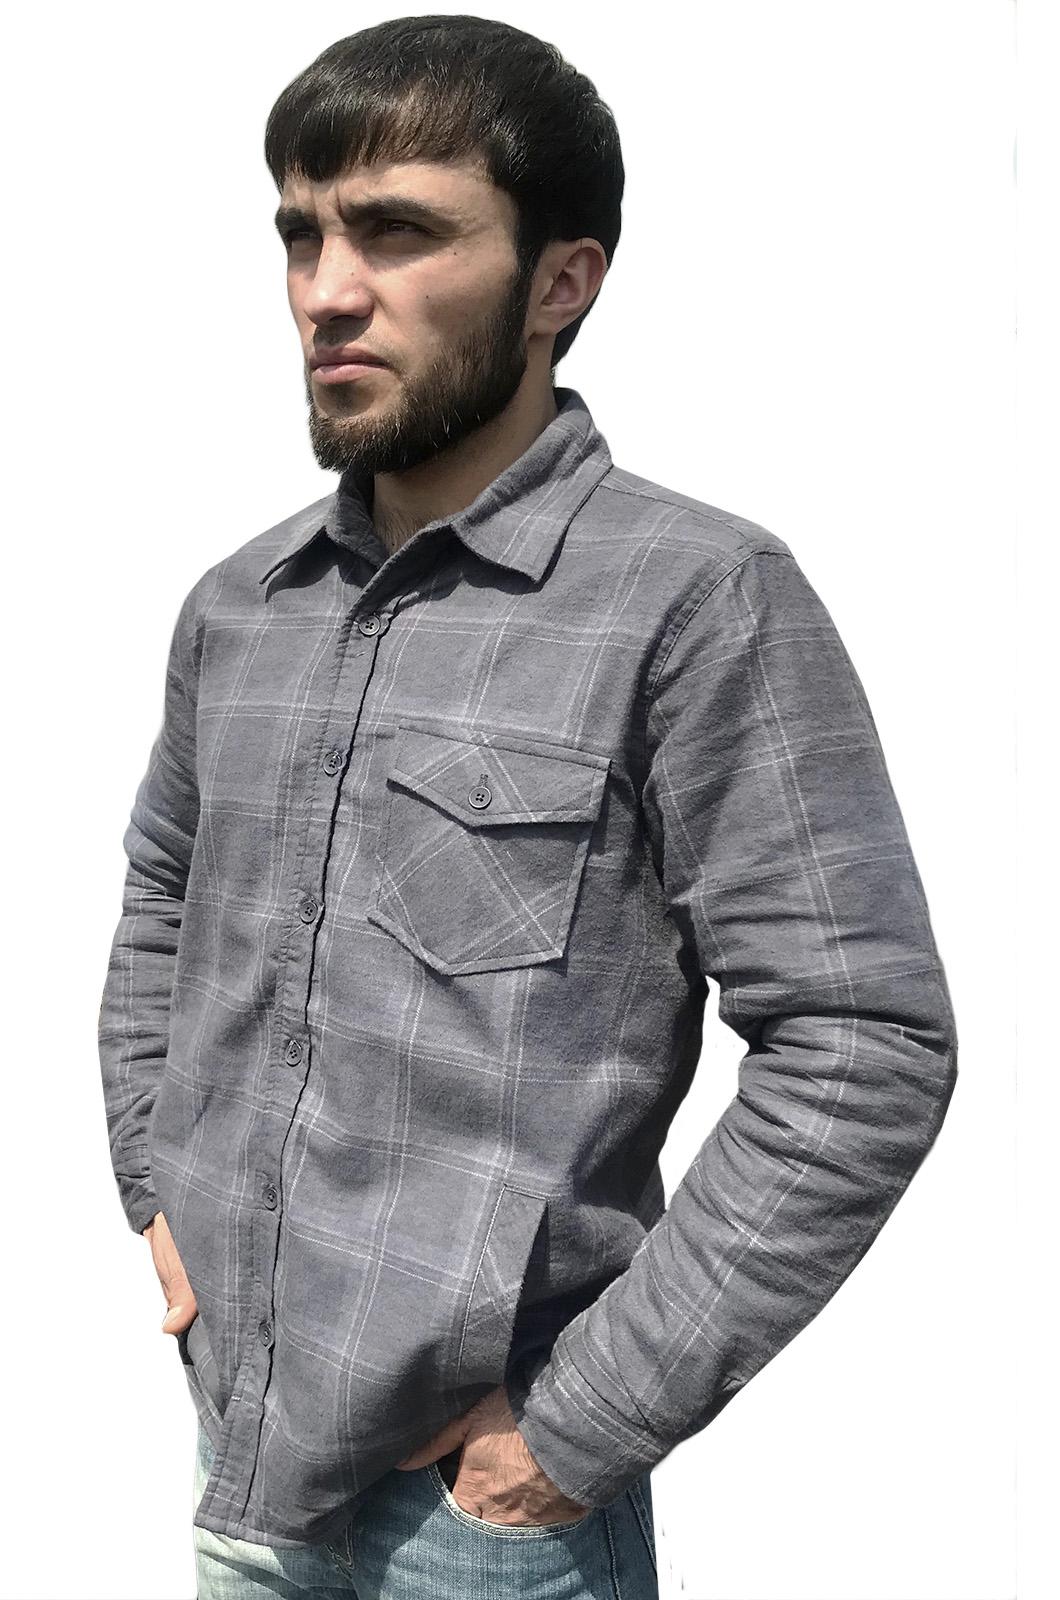 Рубашка теплая мужская с вышитым шевроном Грузия - купить онлайн